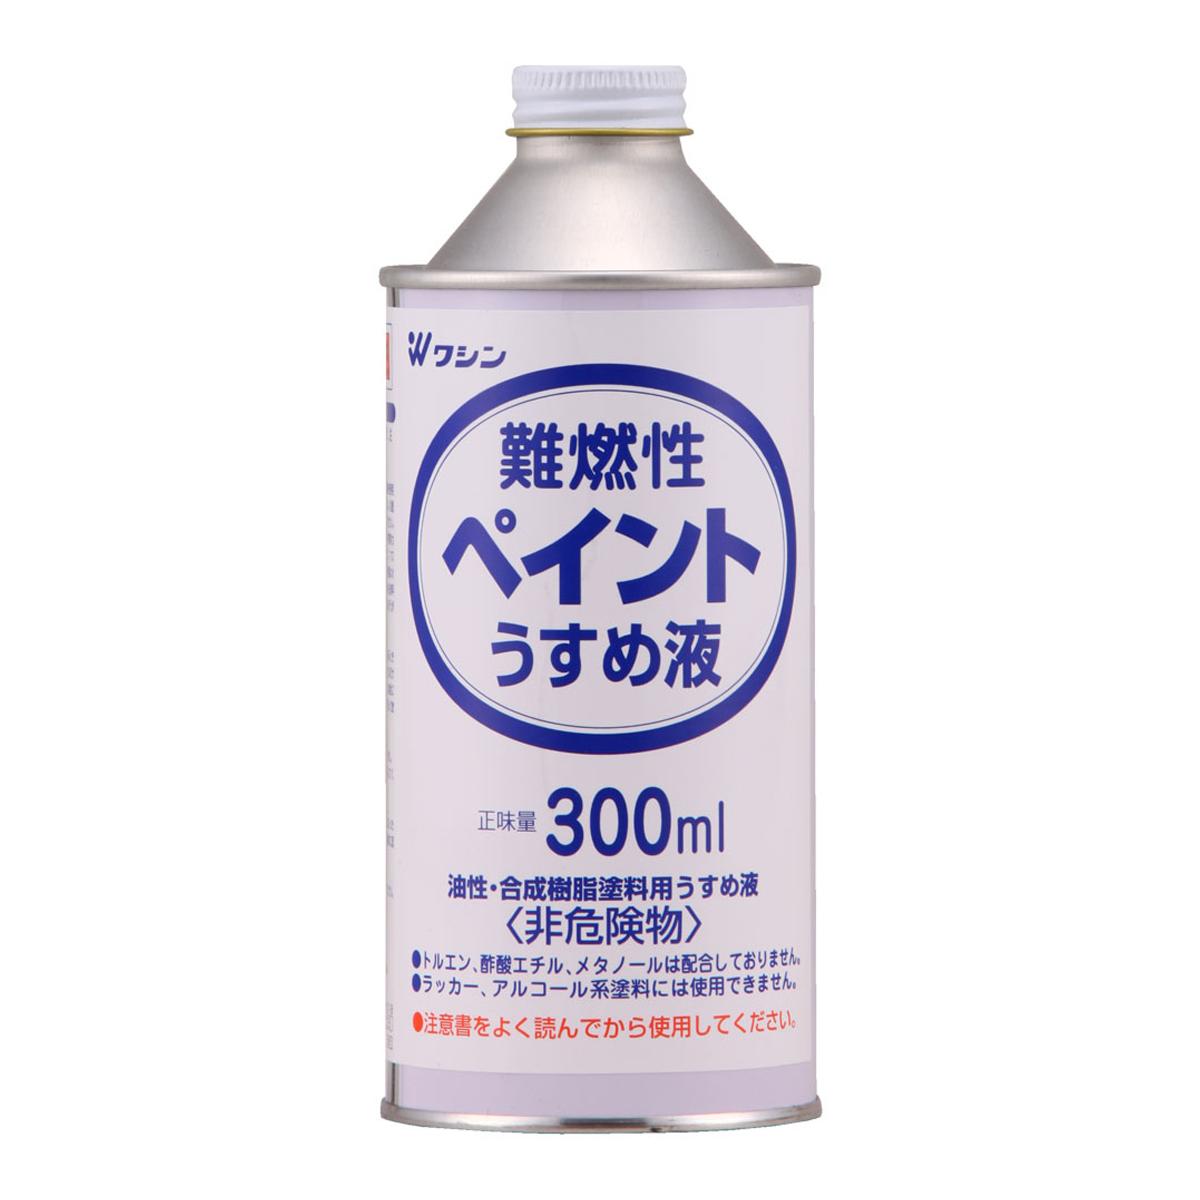 難燃性のペイントうすめ液です ワシン 難燃性 ペイントうすめ液 300mL 激安通販ショッピング ニス 塗料 油性 工作 木工 人気激安